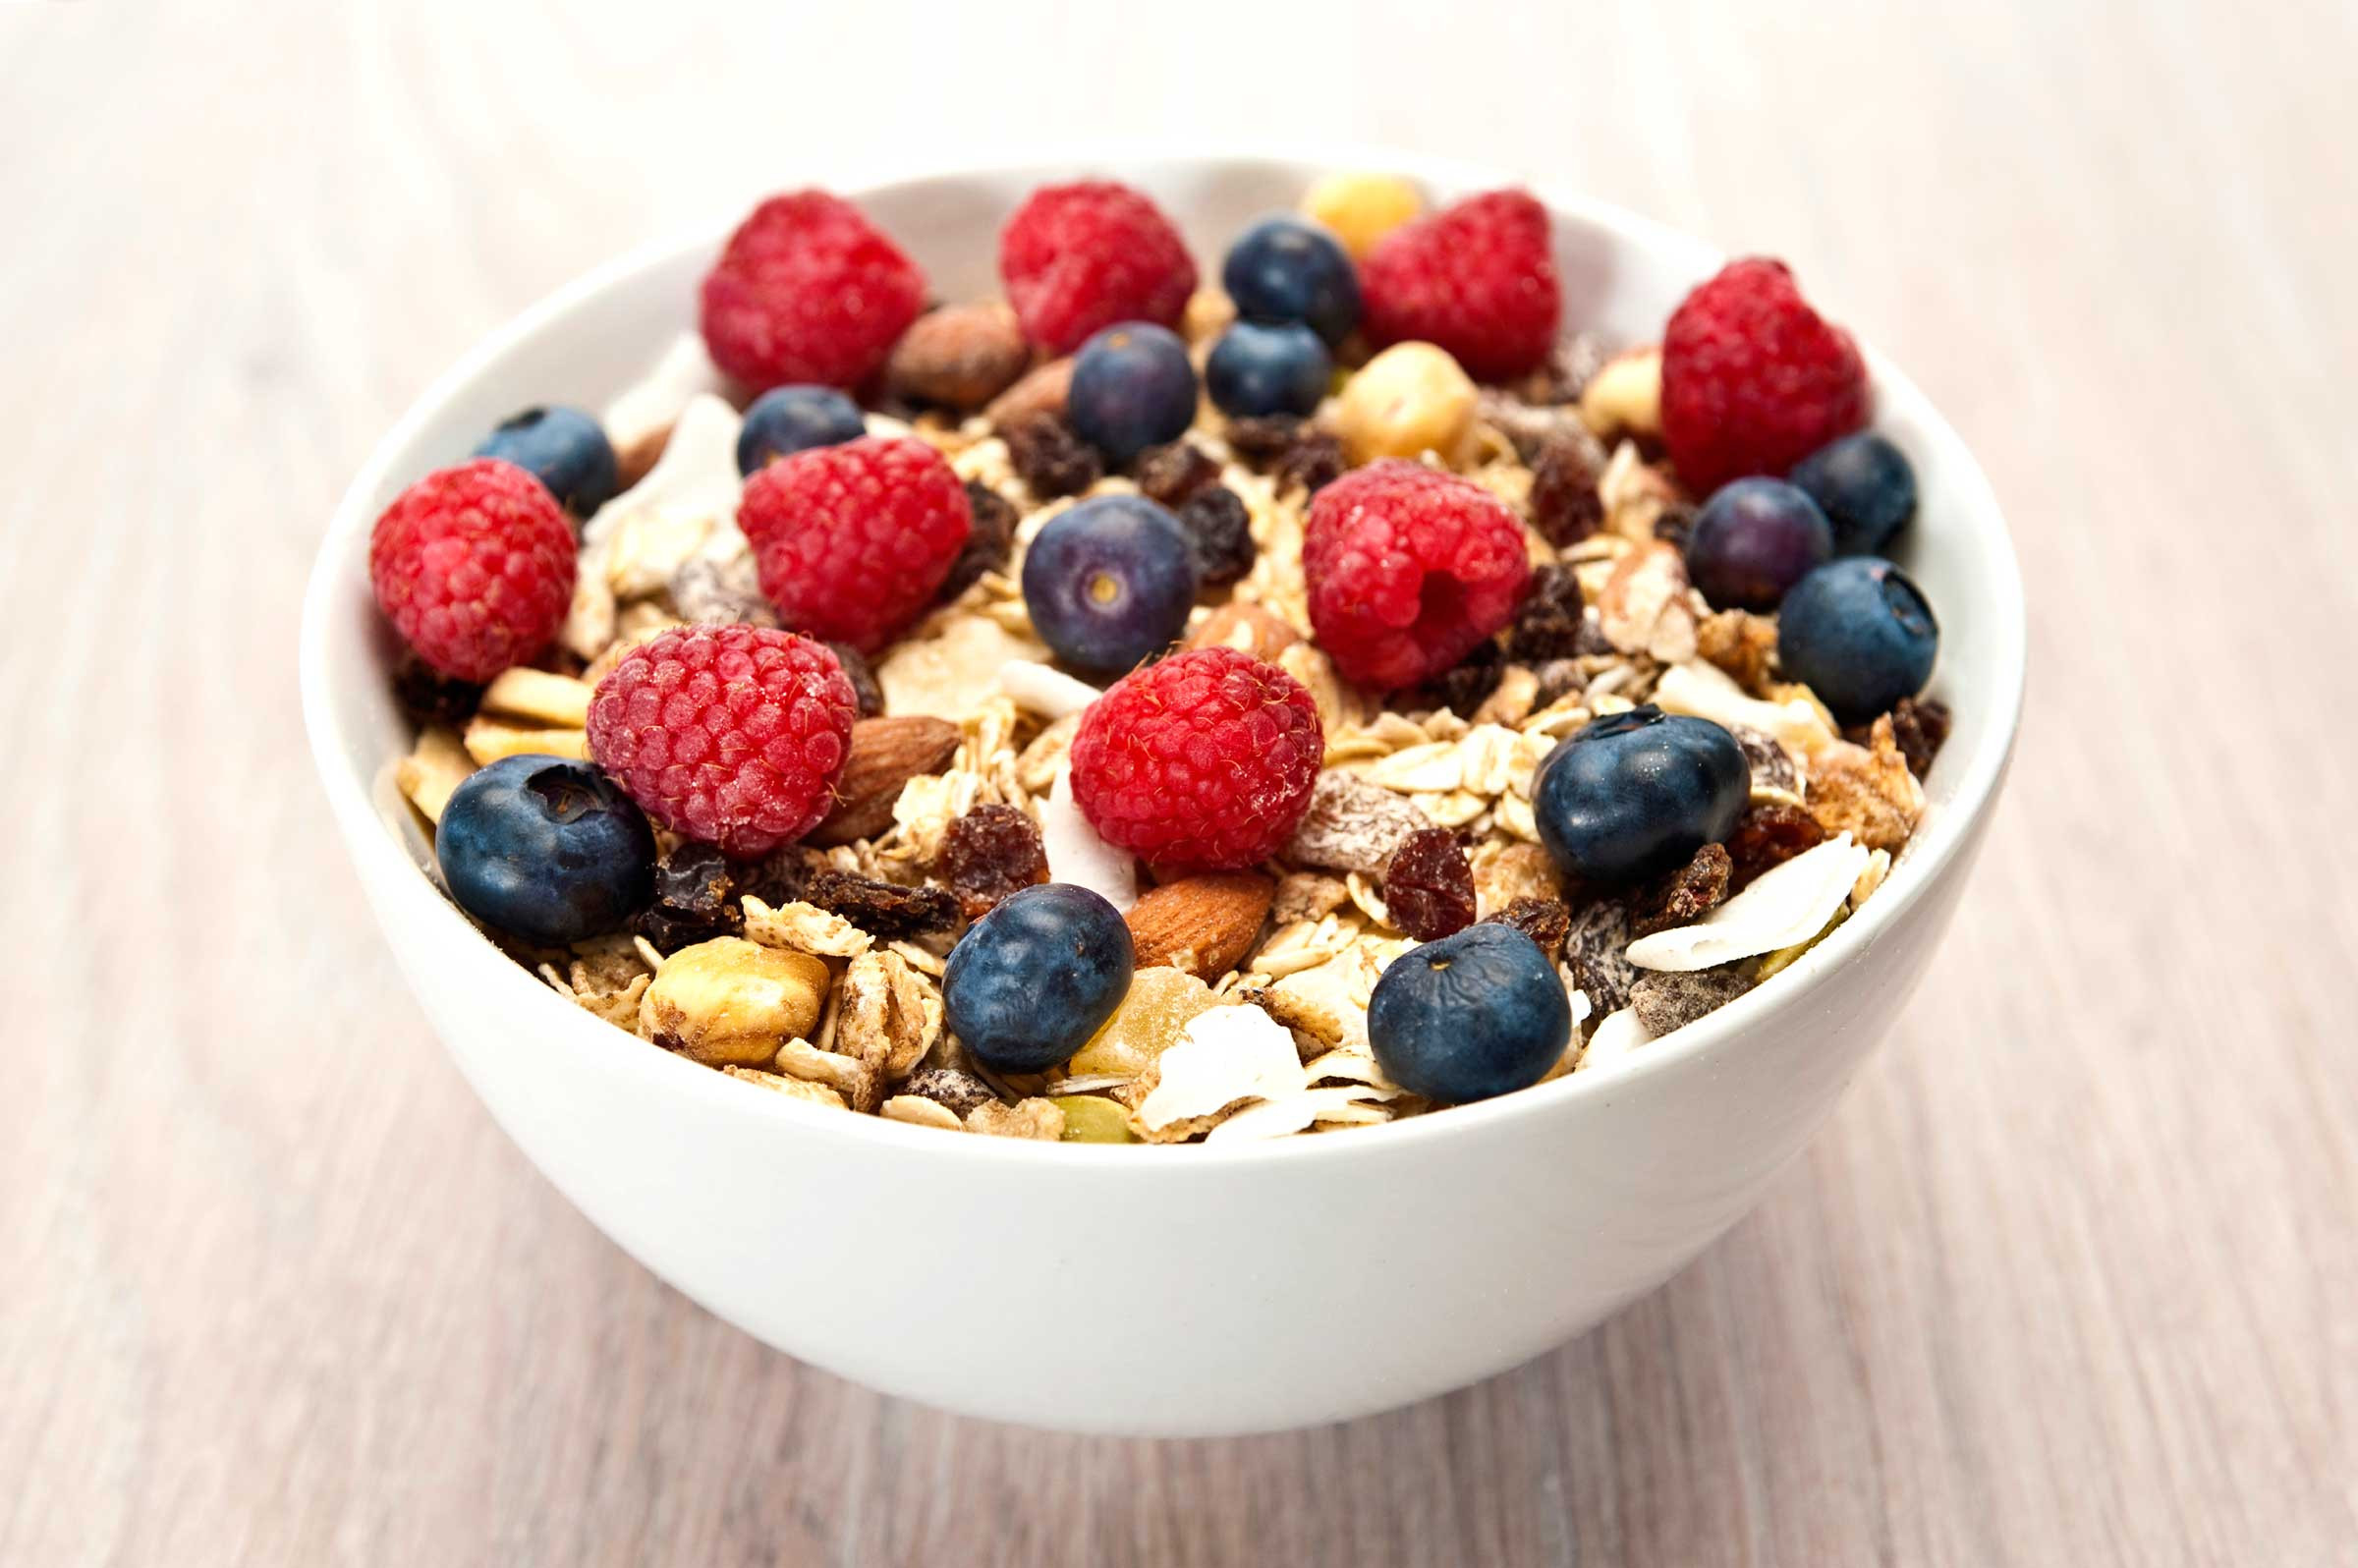 Healthy Diabetic Breakfast  Diabetic Breakfast Rules All Diabetics Must Follow